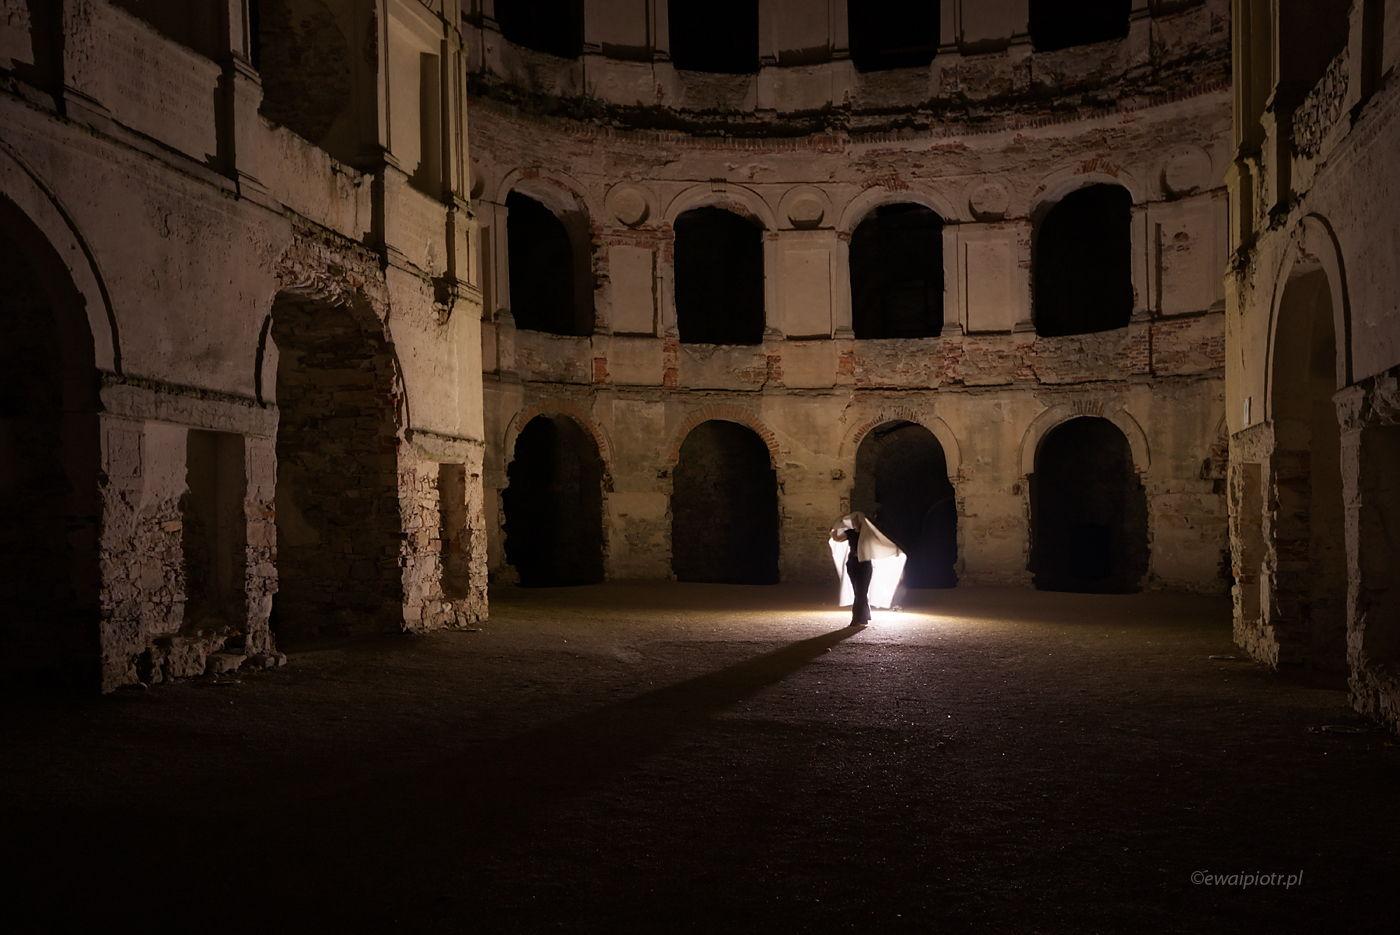 Duch z zamku Krzyżtopór, Świętokrzyskie, nocna fotografia